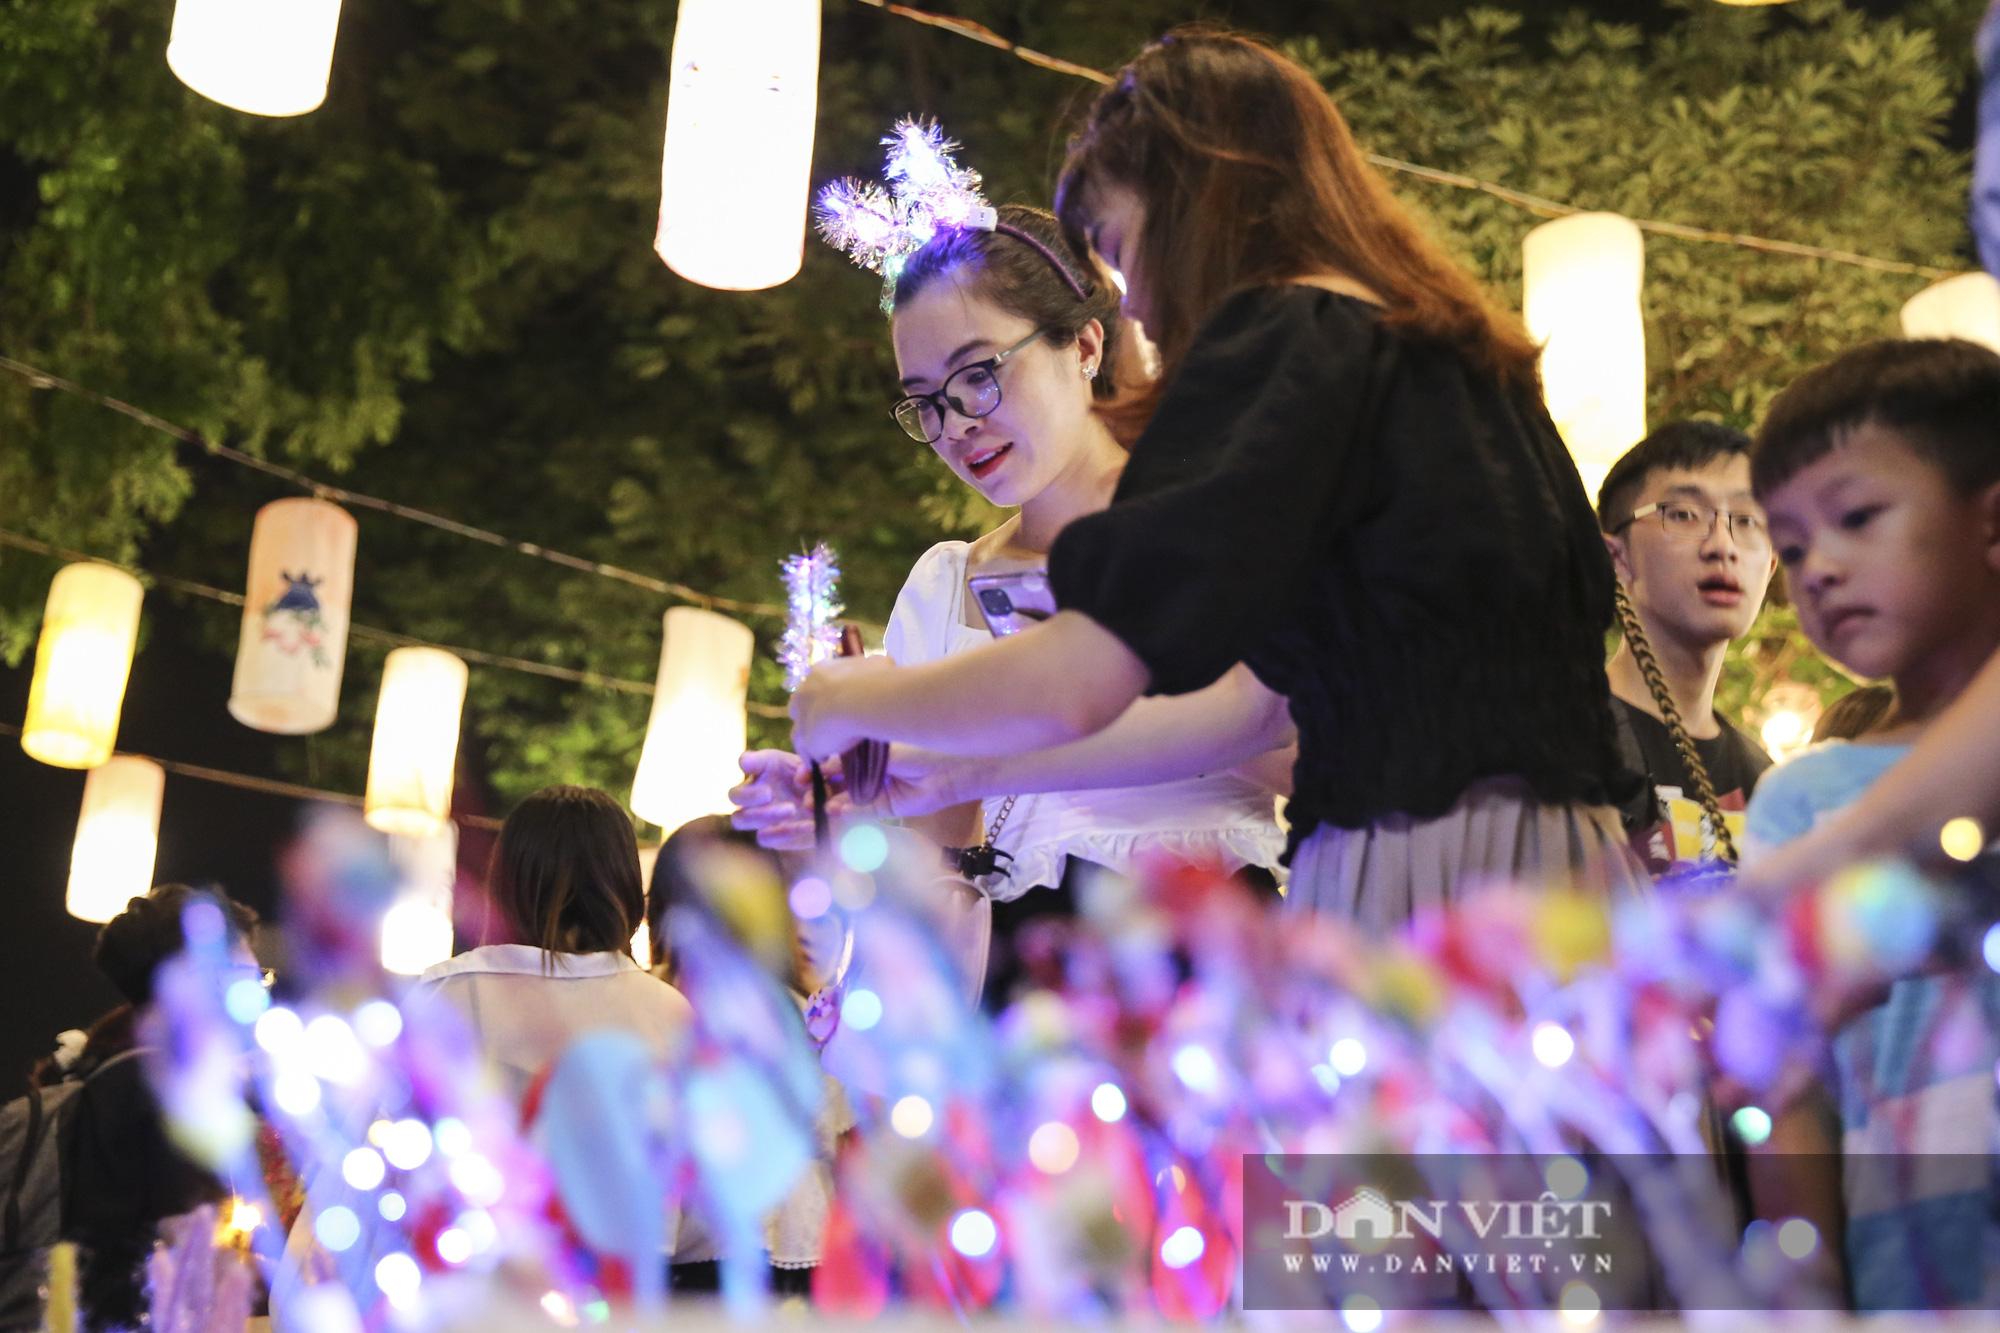 Hàng nghìn người đổ phố bích họa Phùng Hưng thưởng lãm đèn lồng - Ảnh 11.